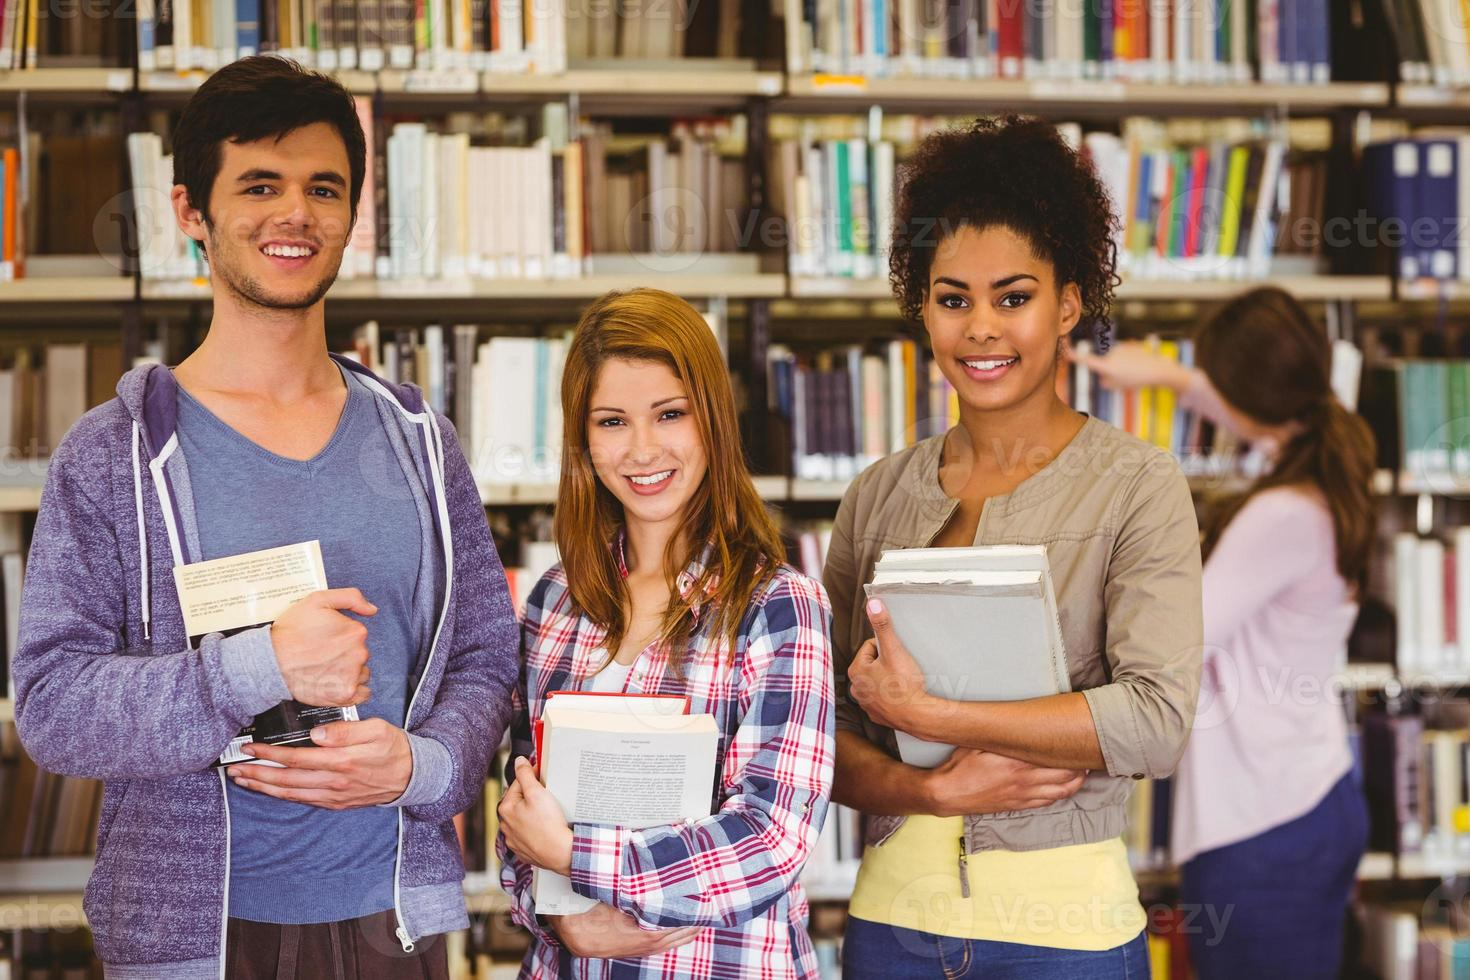 studenti in piedi e sorridenti a libri con fotocamera foto